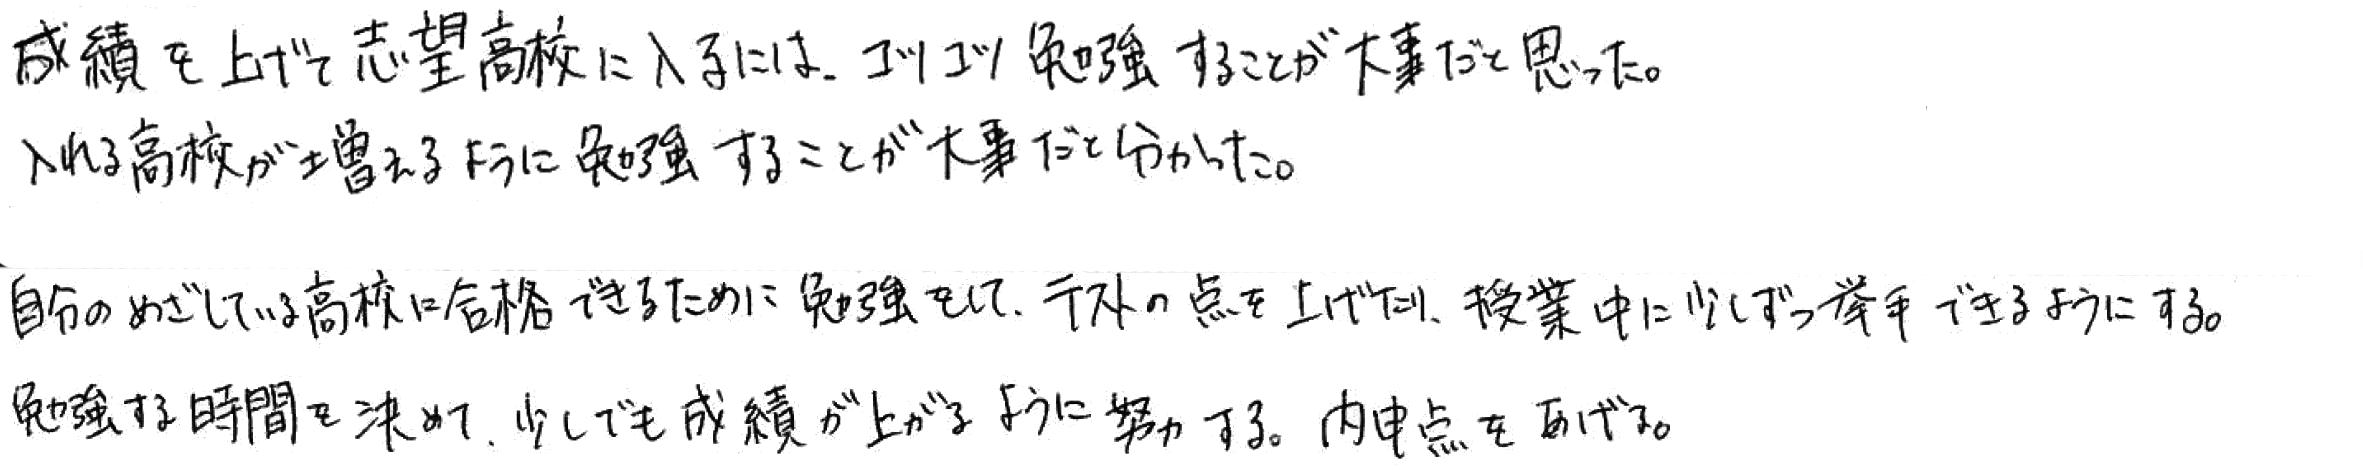 ちーちゃん(丹羽郡扶桑町)からの口コミ